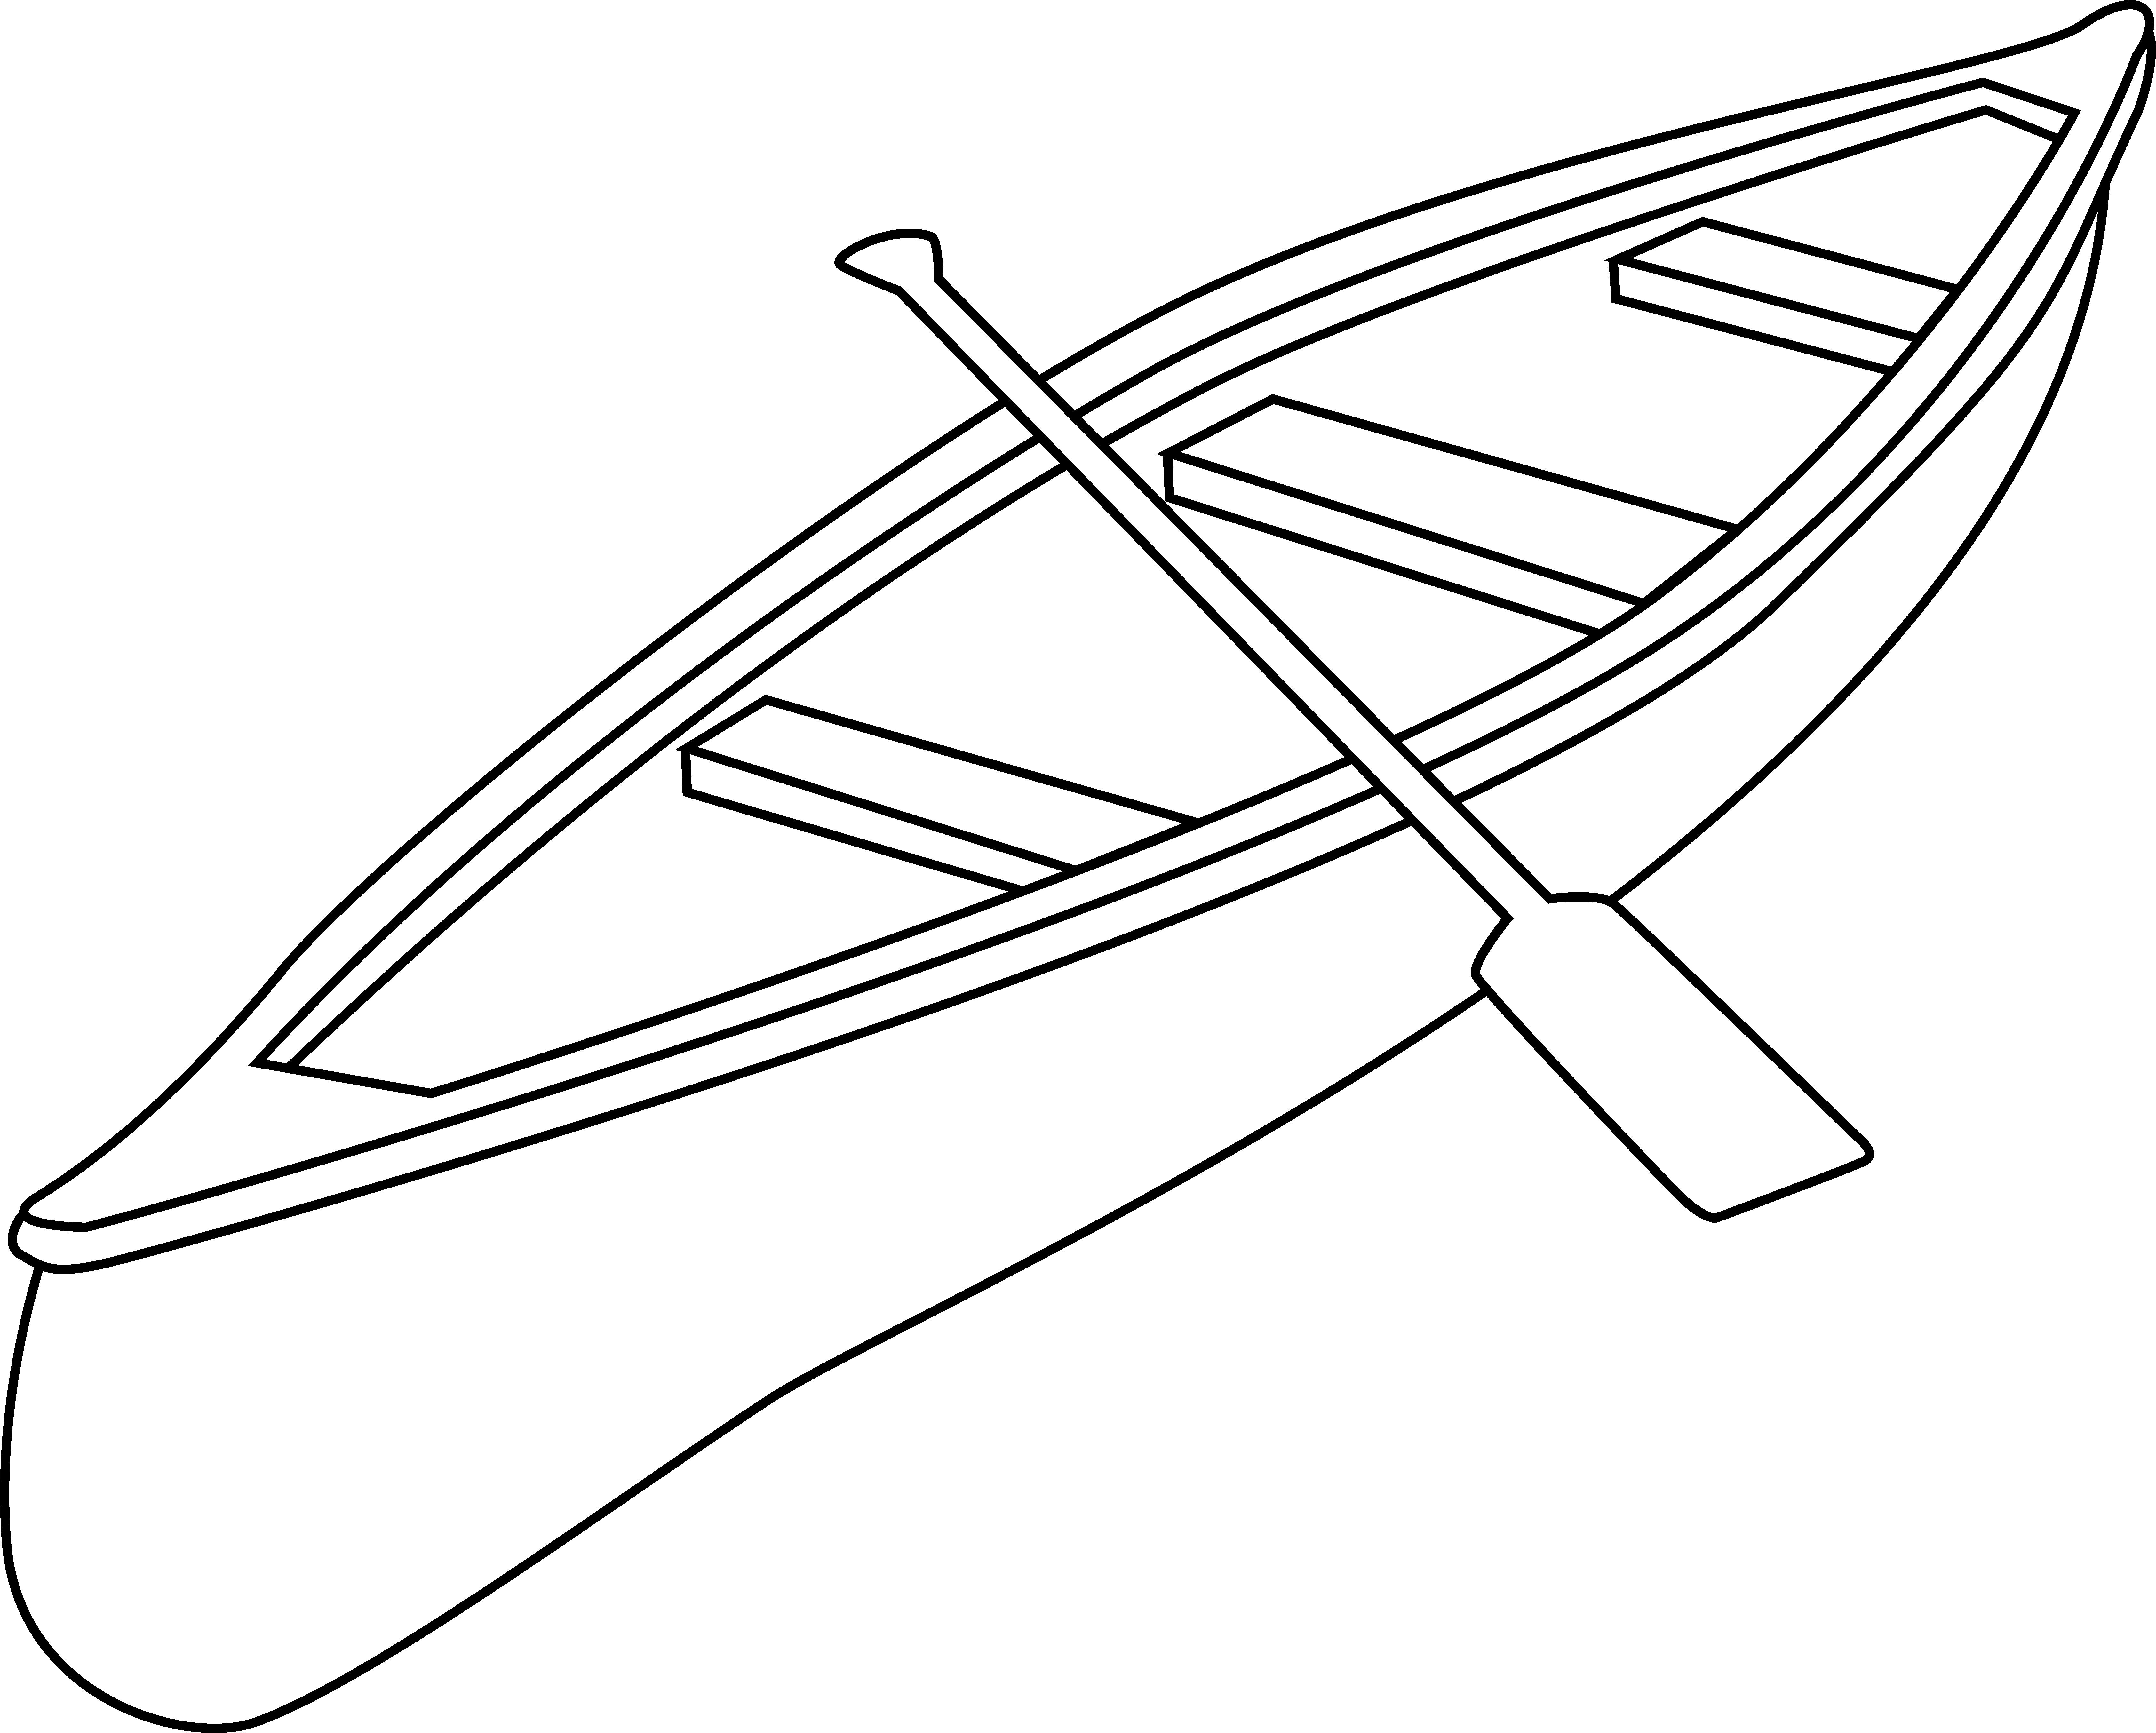 Free Canoe Clip Art Black and White Outline.